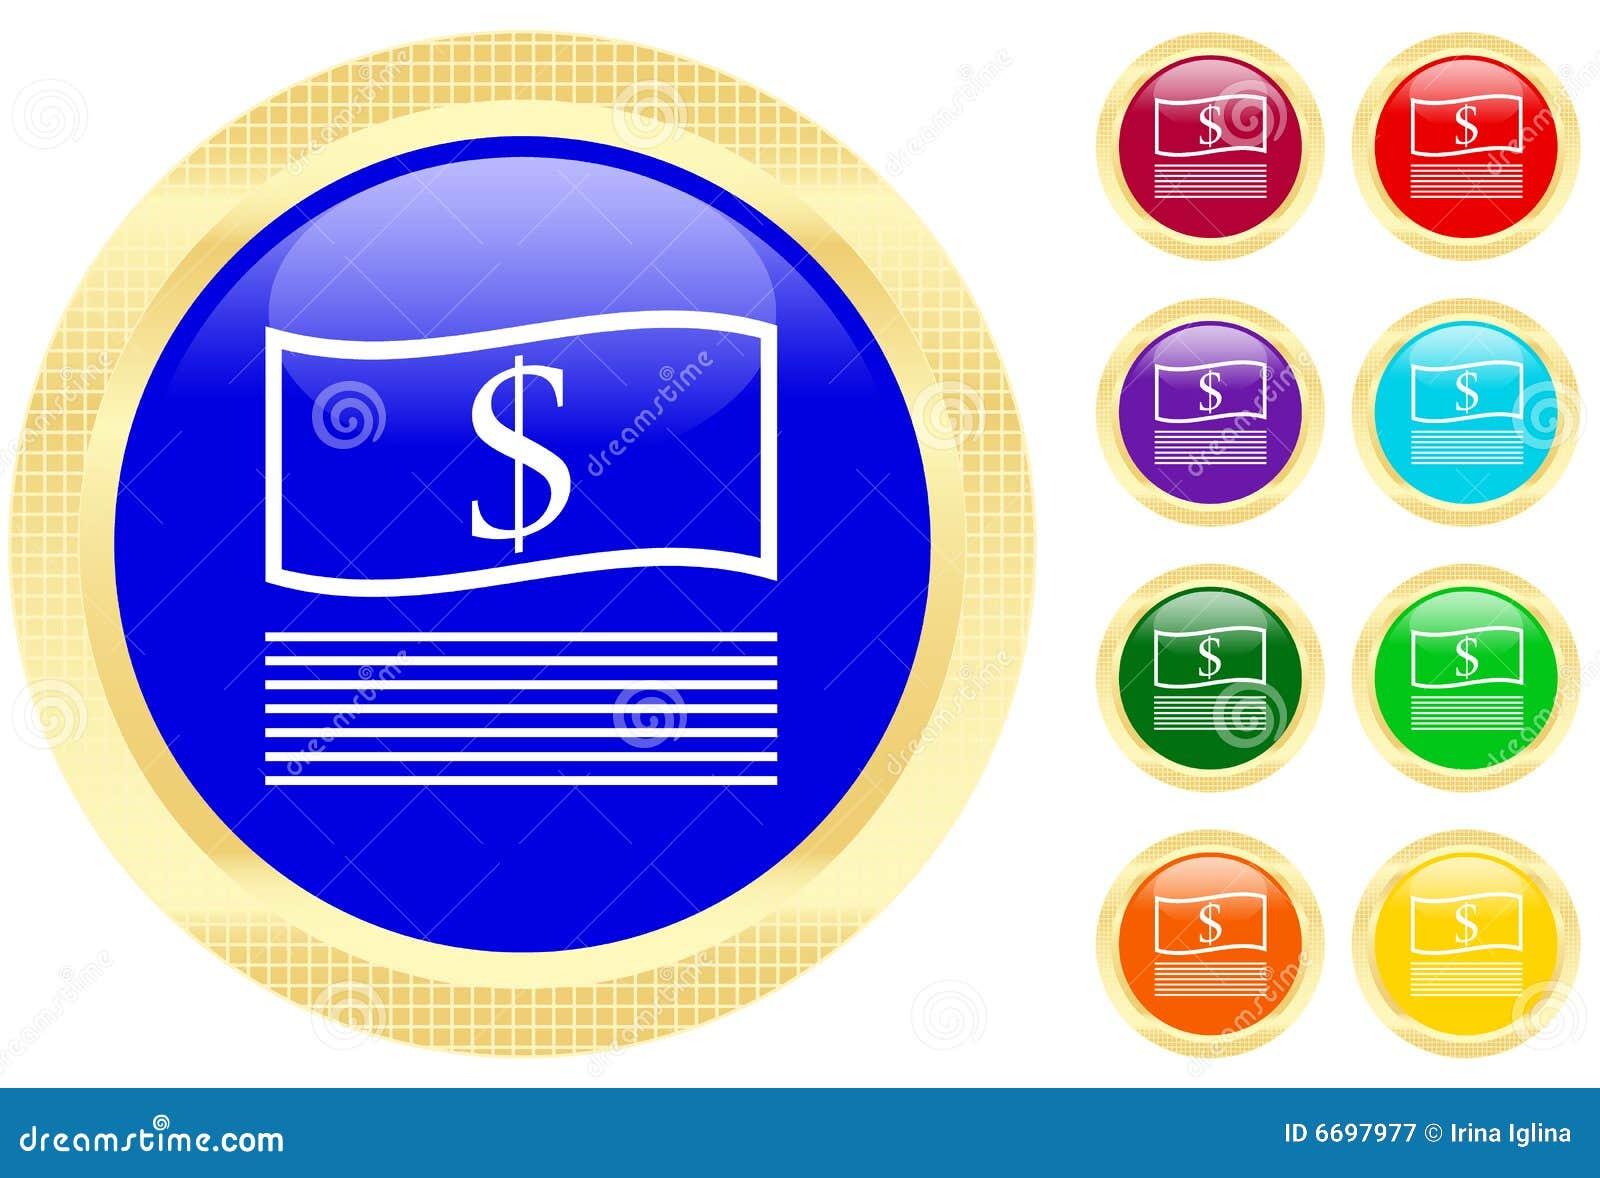 icon-money-6697977.jpg